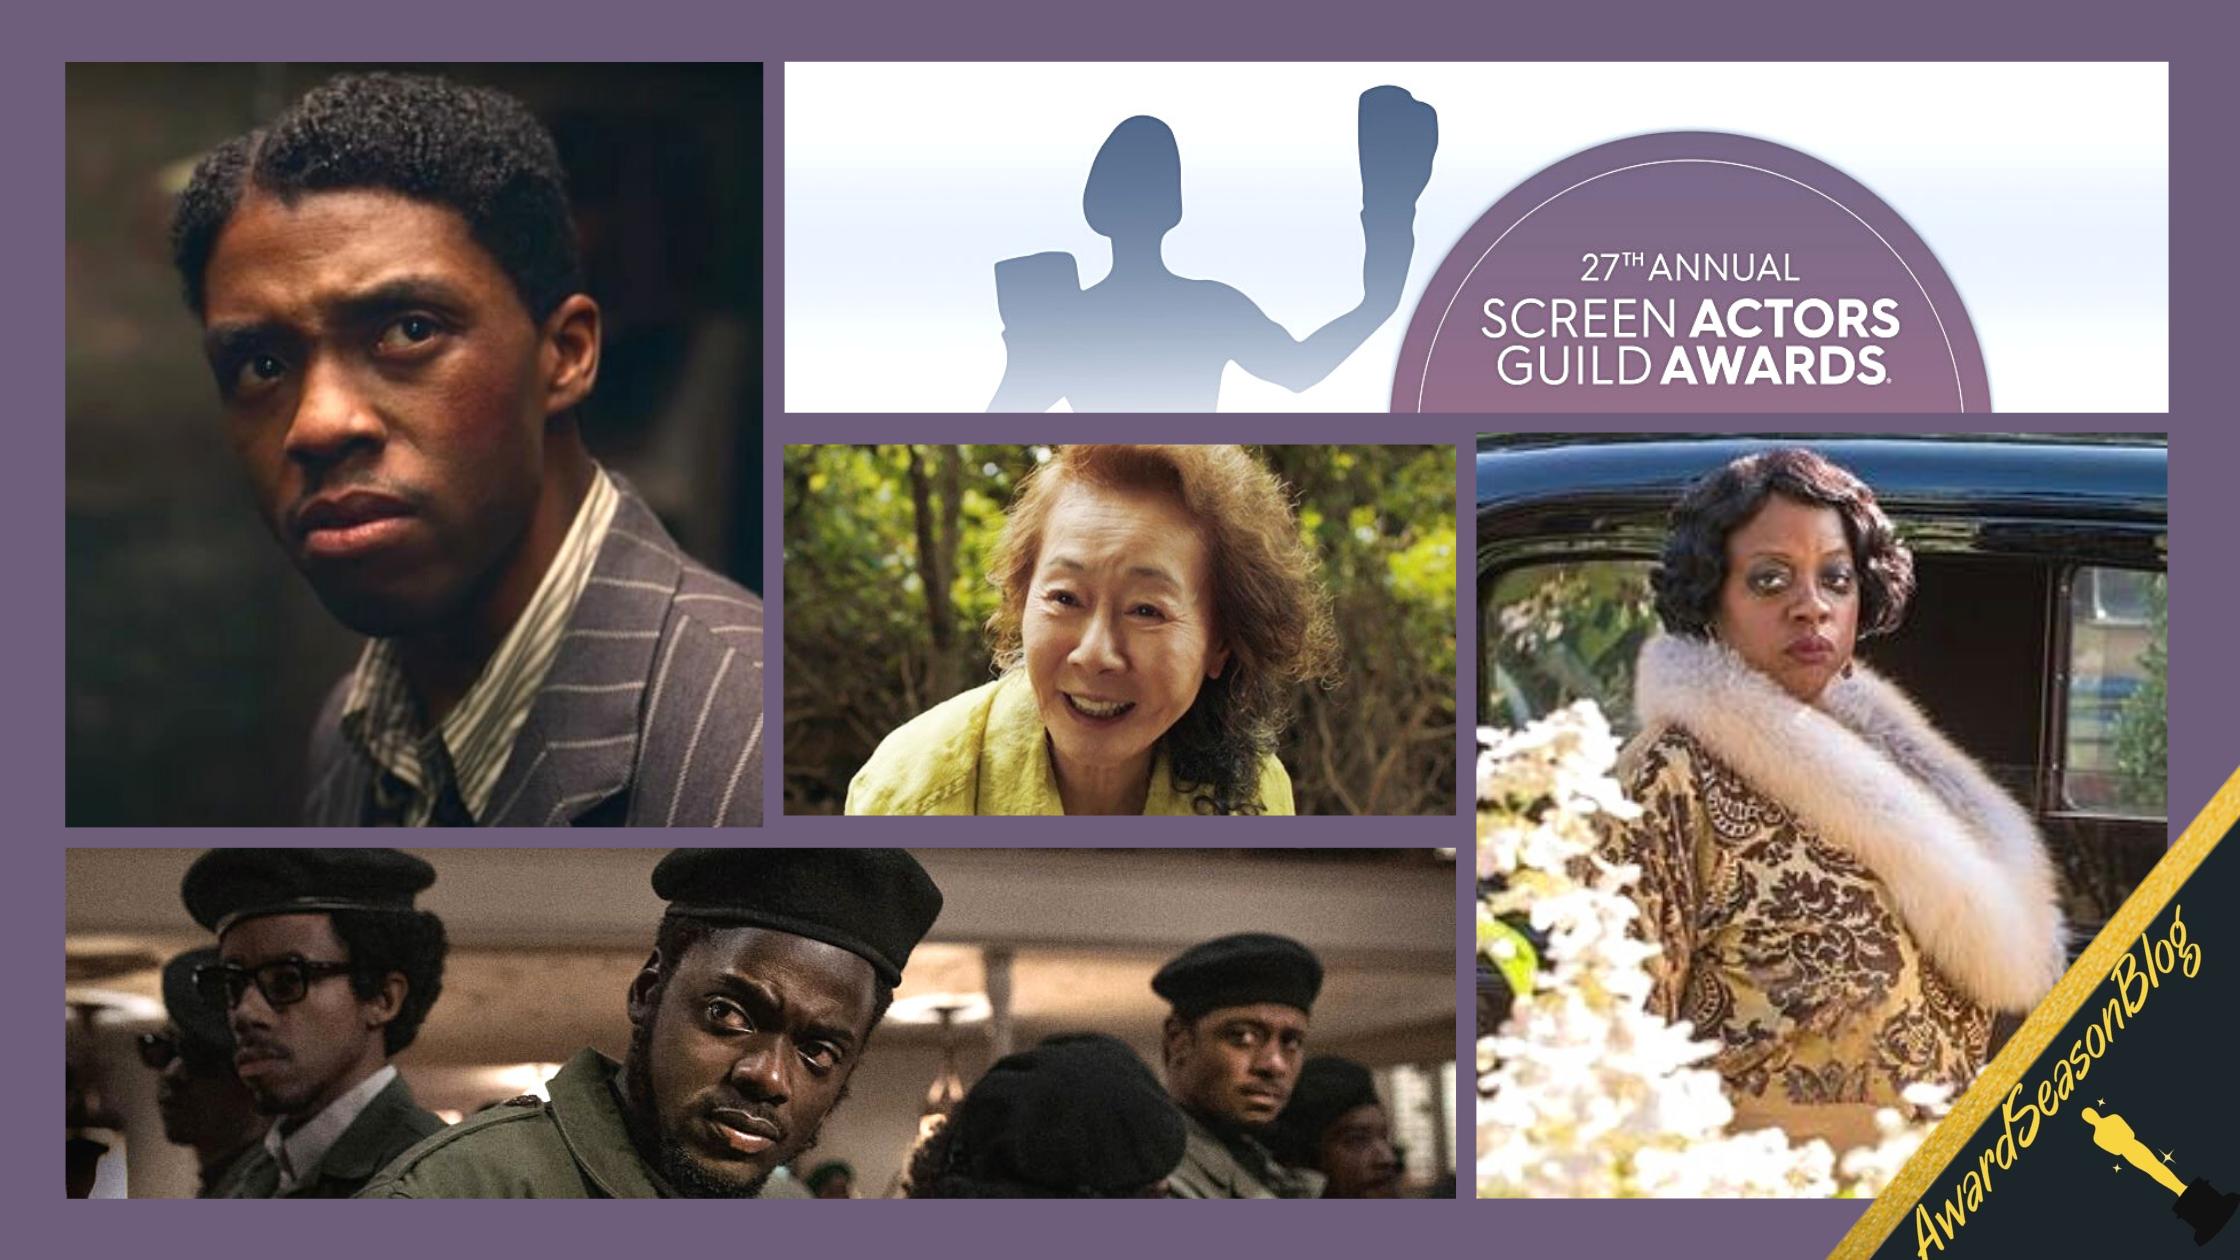 27th Annual Screen Actors Guild Awards: vincono i favoriti agli Oscar